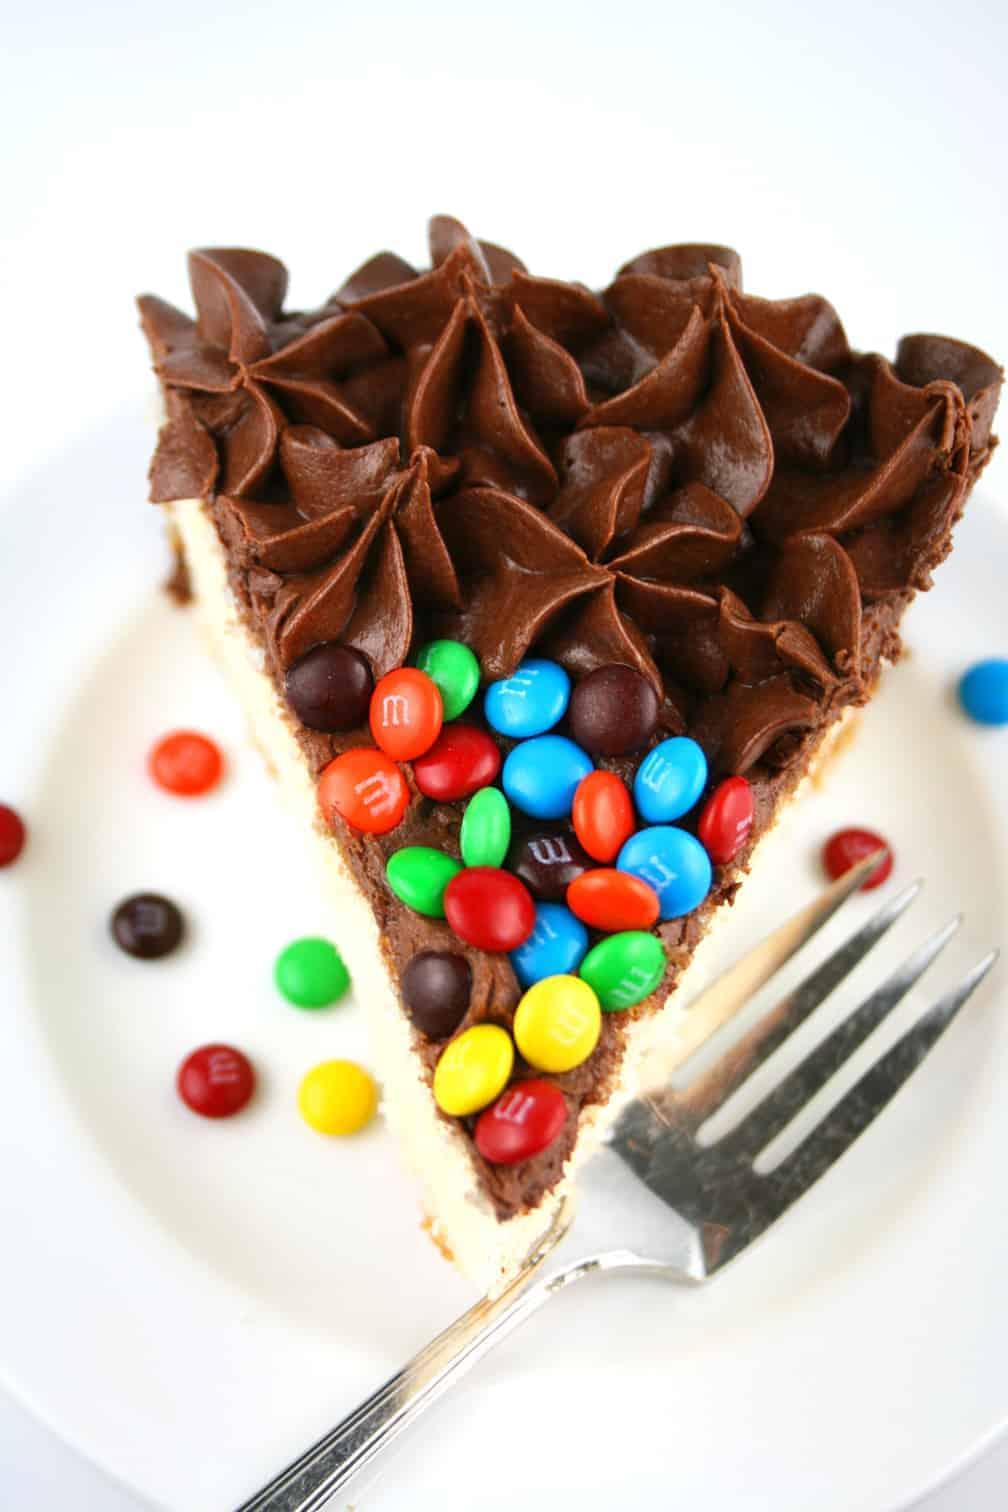 CakeSlice2